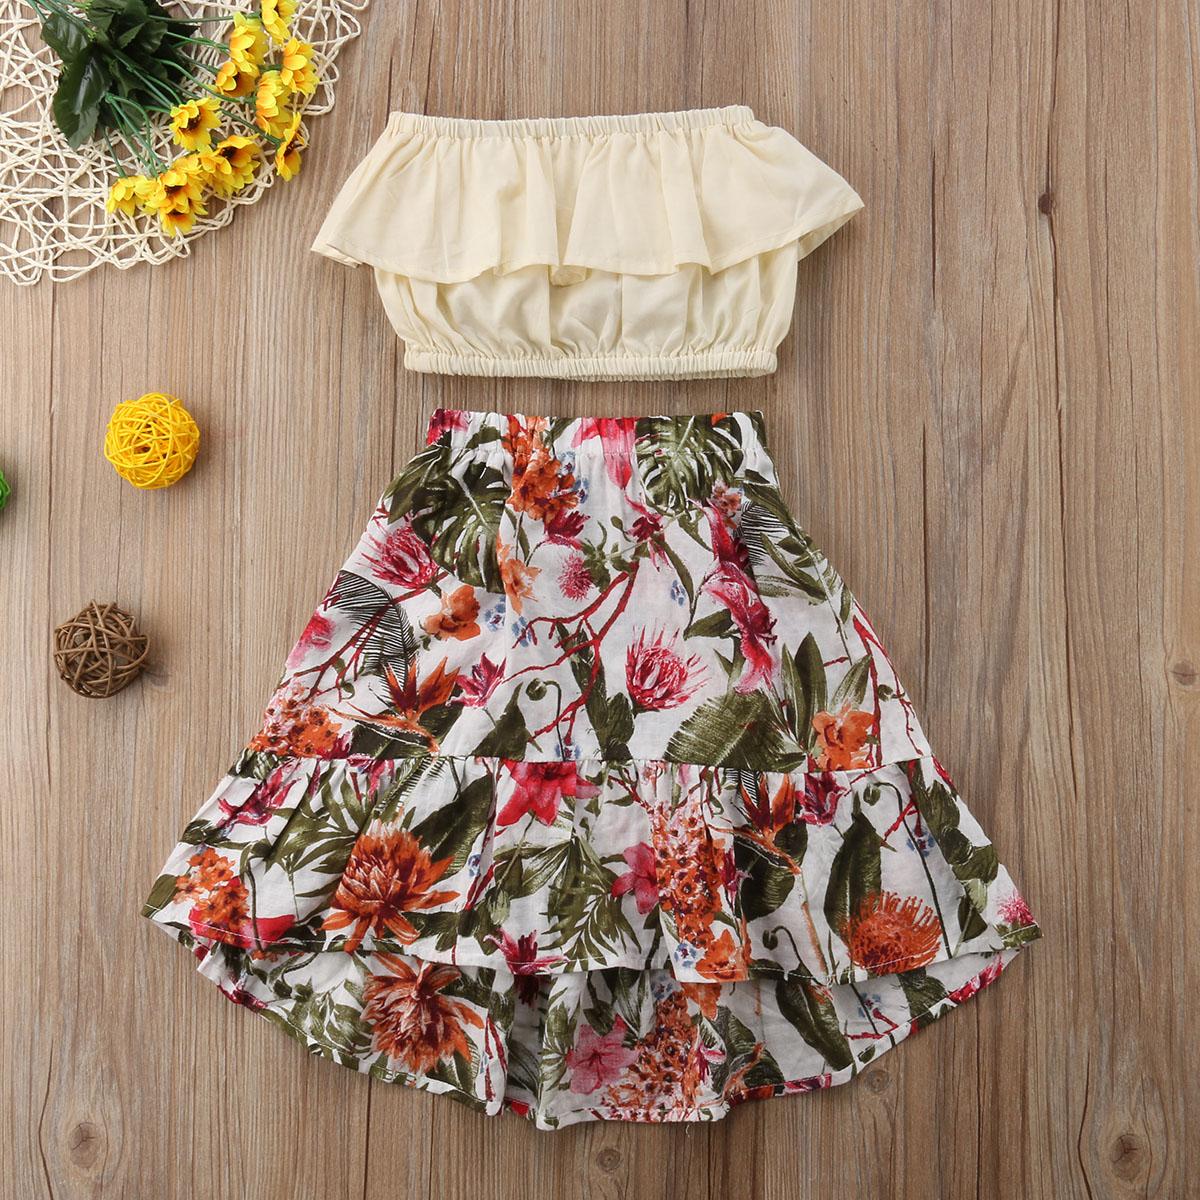 Guyay 2PCS Baby Girl Summer Outfits Off Shoulder Ruffle Floral Print Tube Top Shirt Shorts Pants Casual Clothes